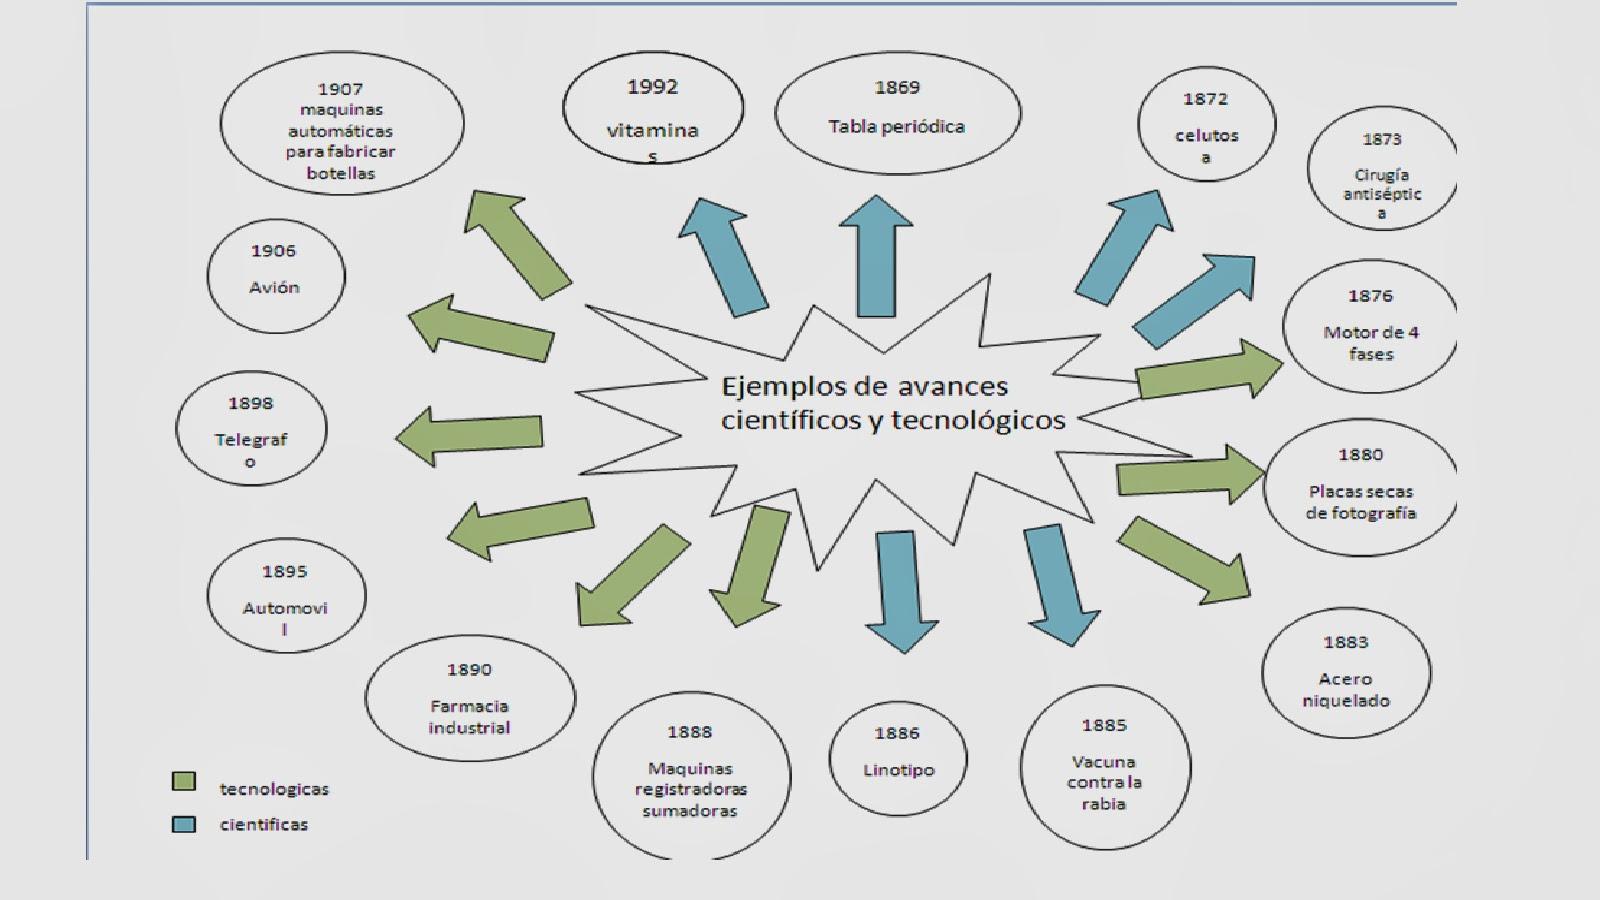 COMUNICACION Y SOCIEDAD Ejemplos de avances cientificos y